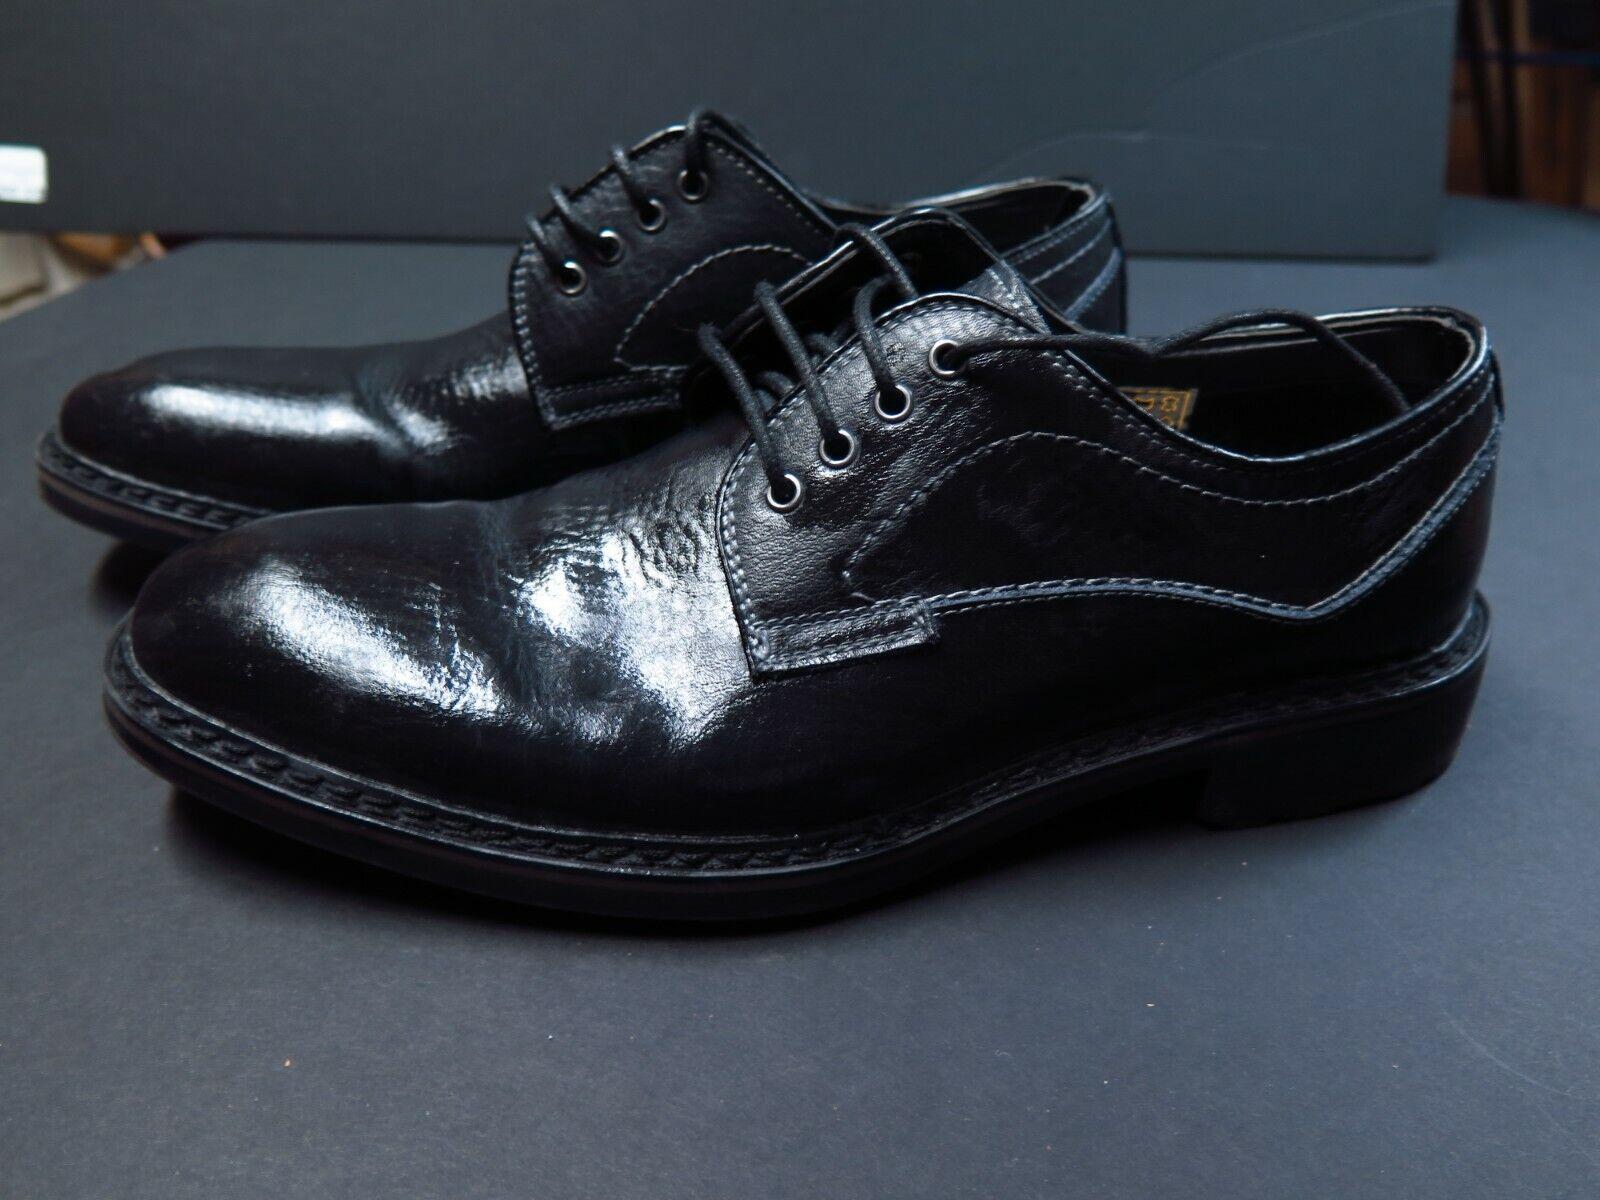 SHOES Joseph Abboud Frost Black Men's- Oxford Dress Shoes